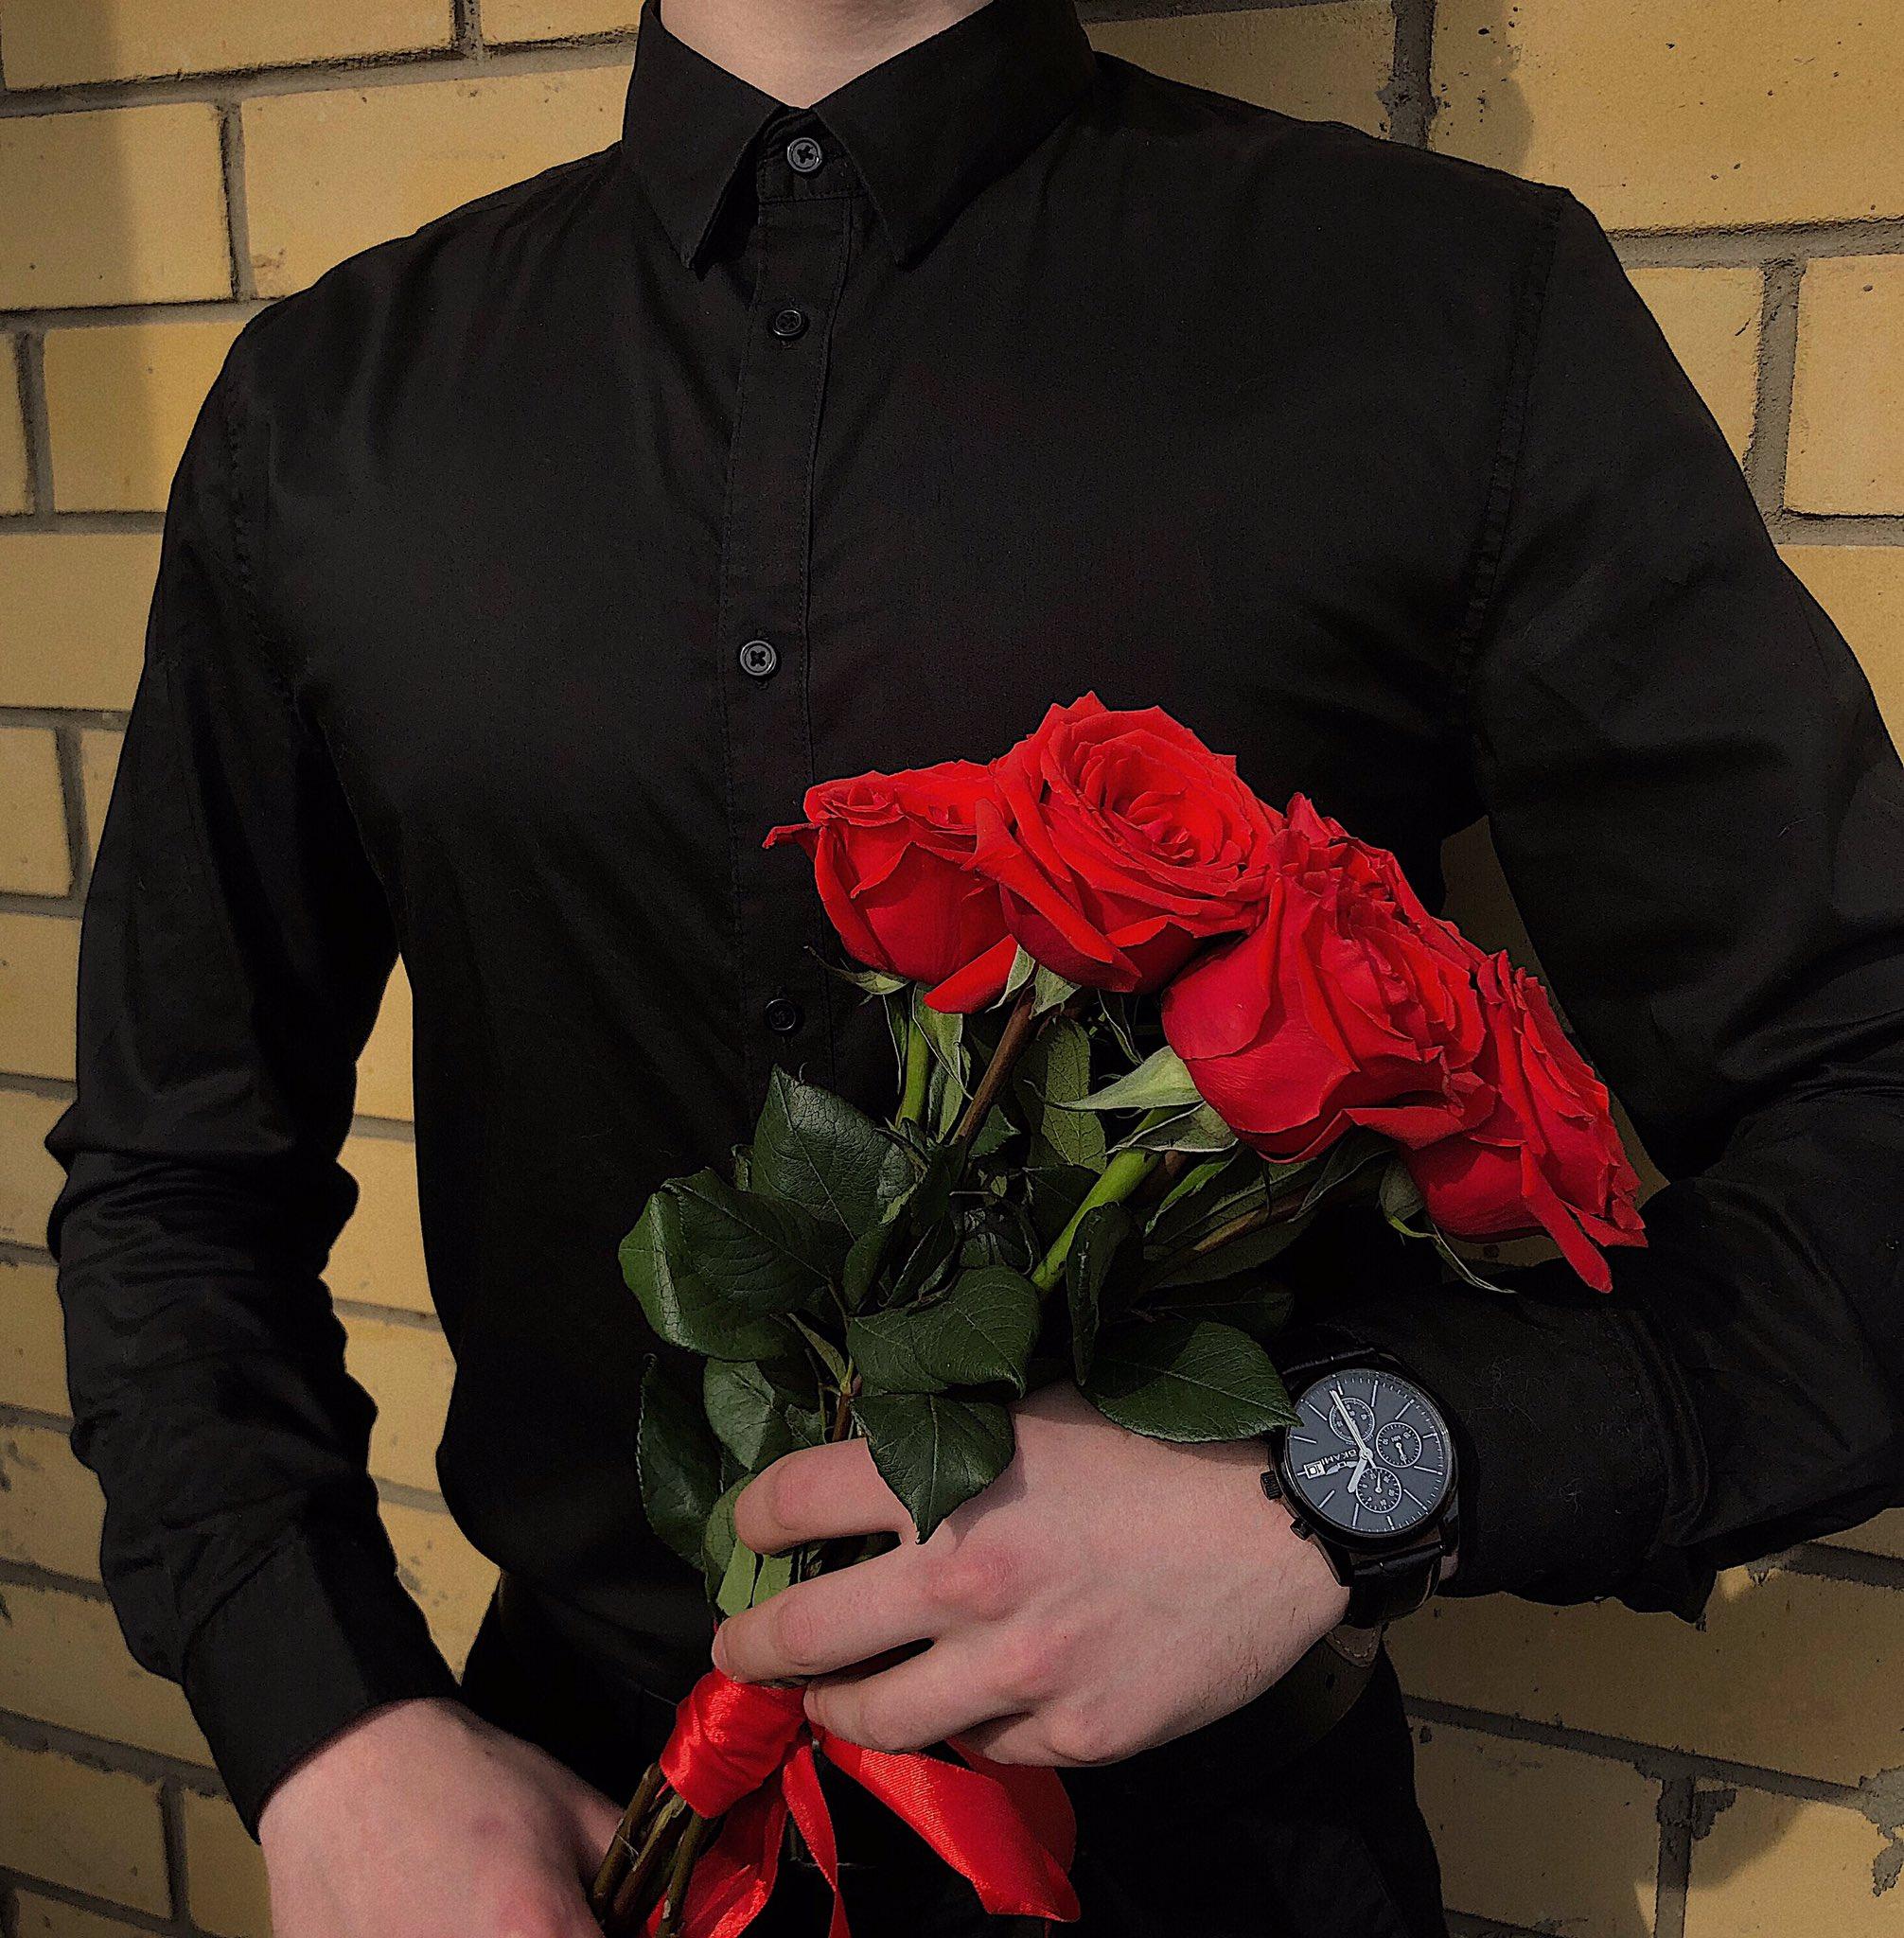 фото мужчина с букетом цветов в руках стали известны новые